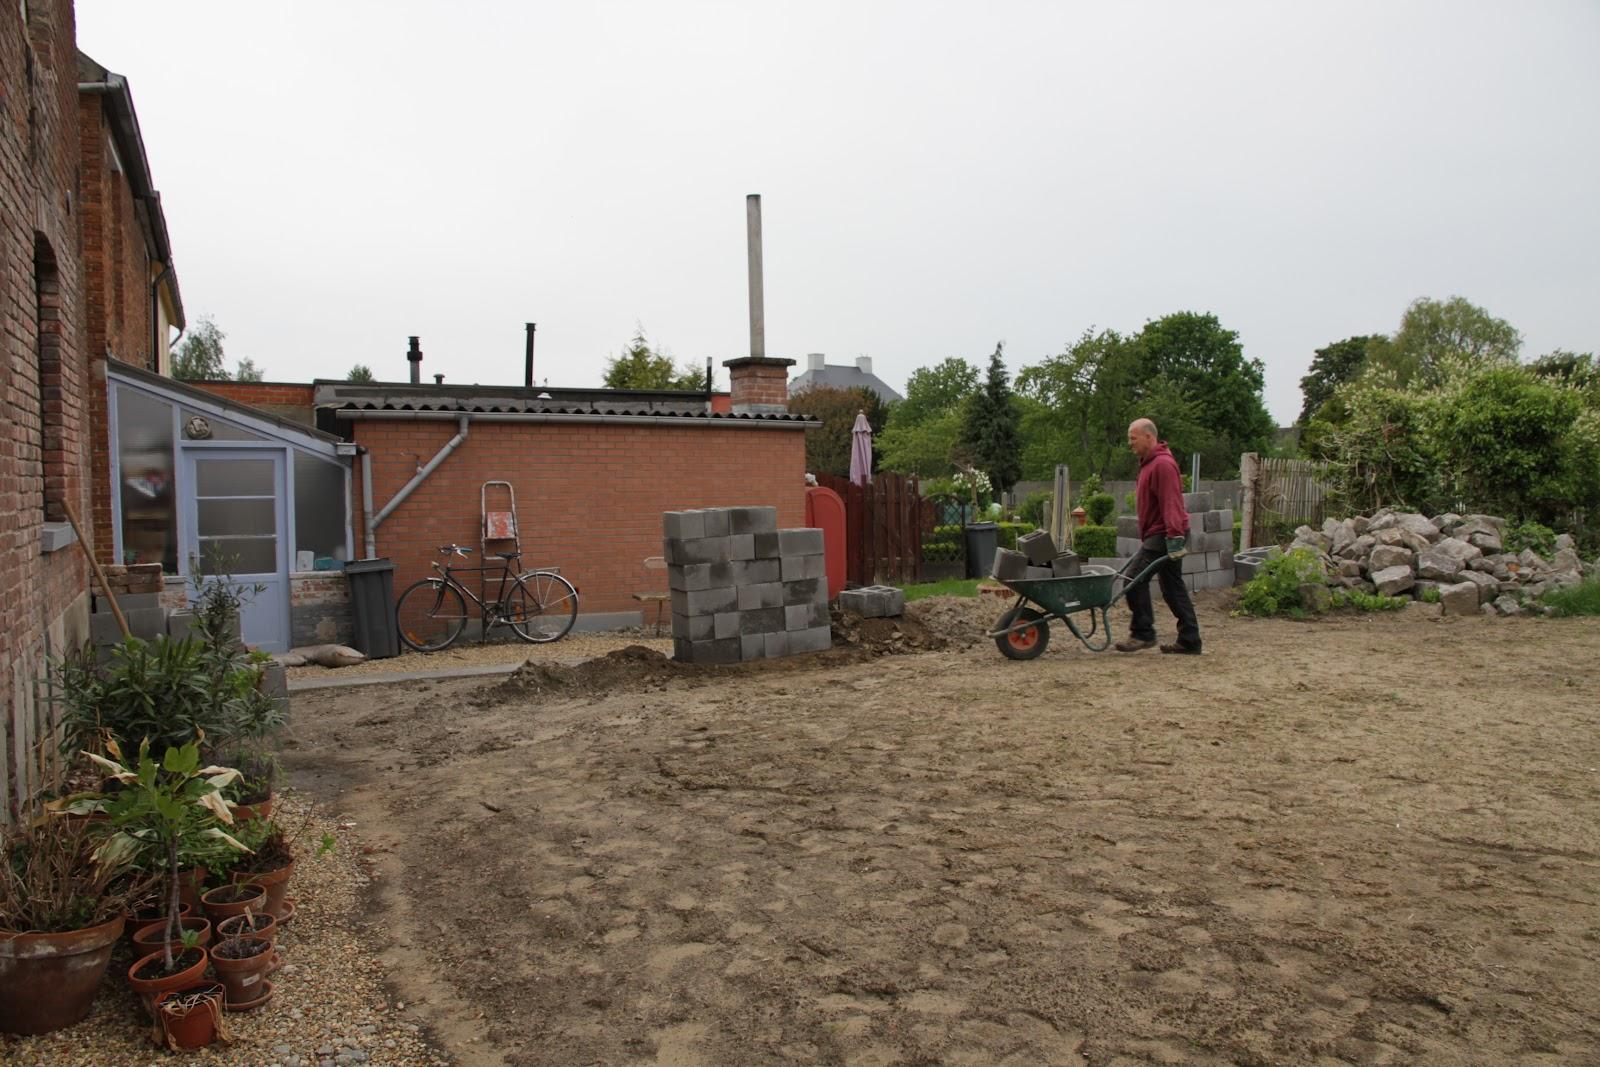 Lies & Jochen in Wakkerzeel: Donderdag 17 mei: luchtafzuiging badkamer